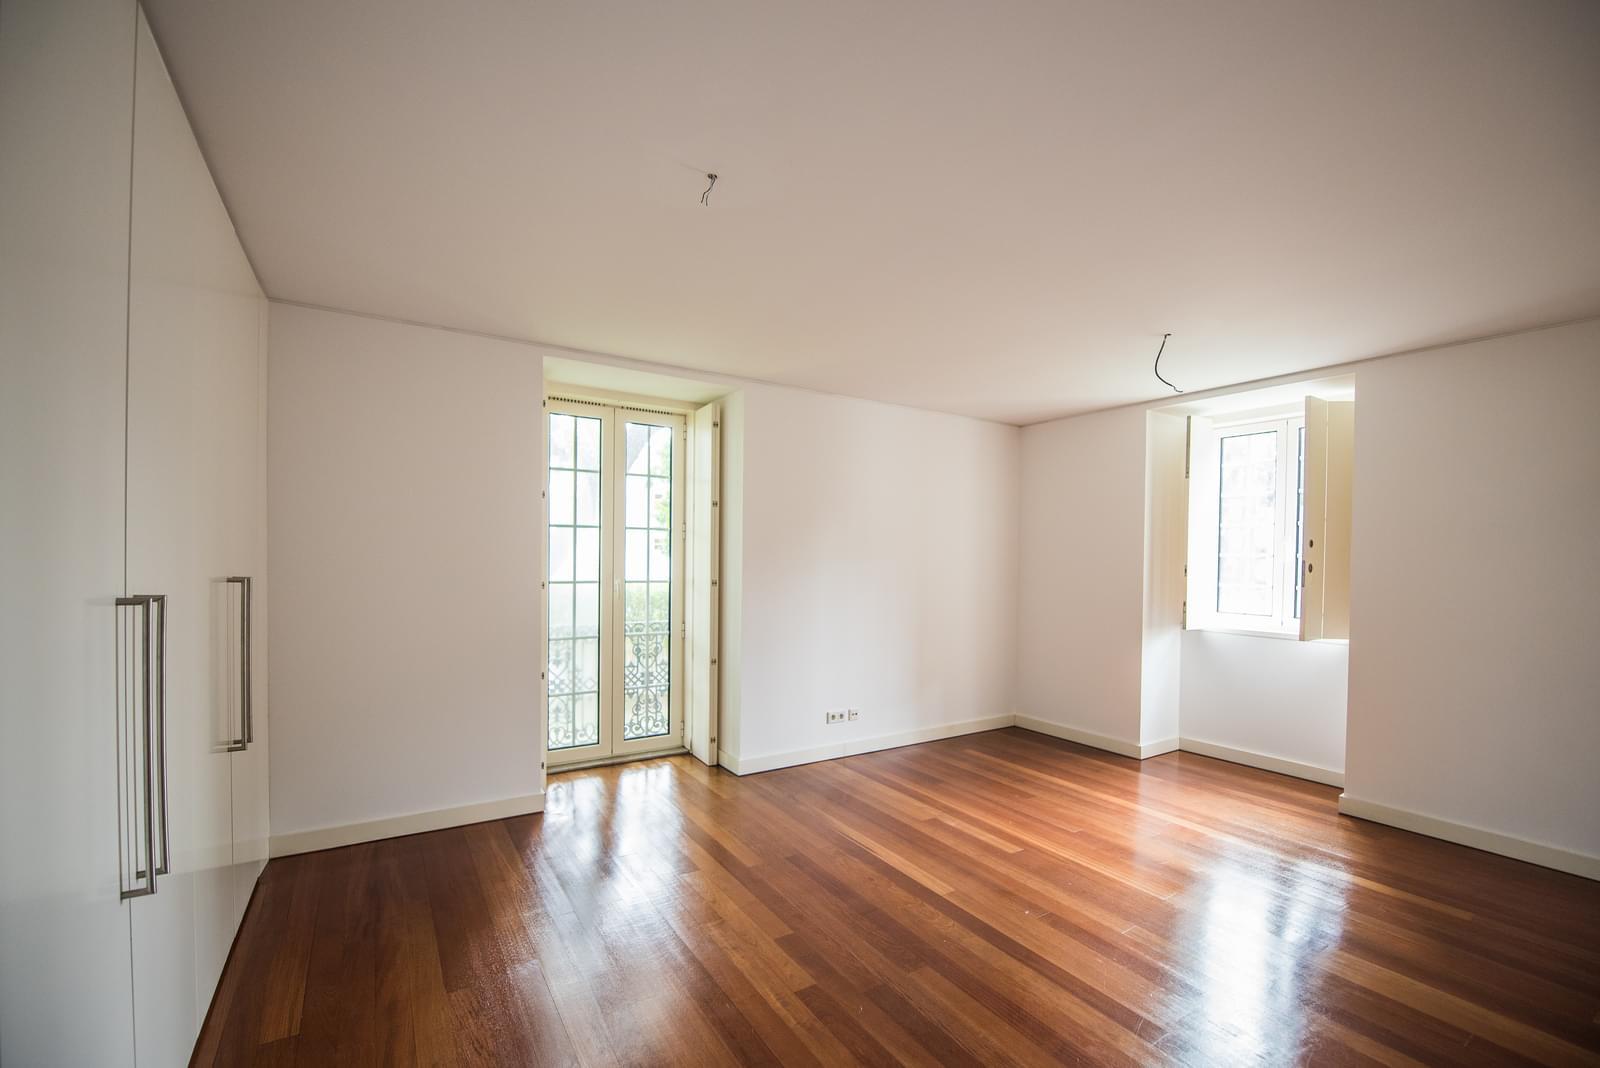 pf19211-apartamento-t4-lisboa-5f99d688-3fa5-4ff0-bbec-84b97190955f